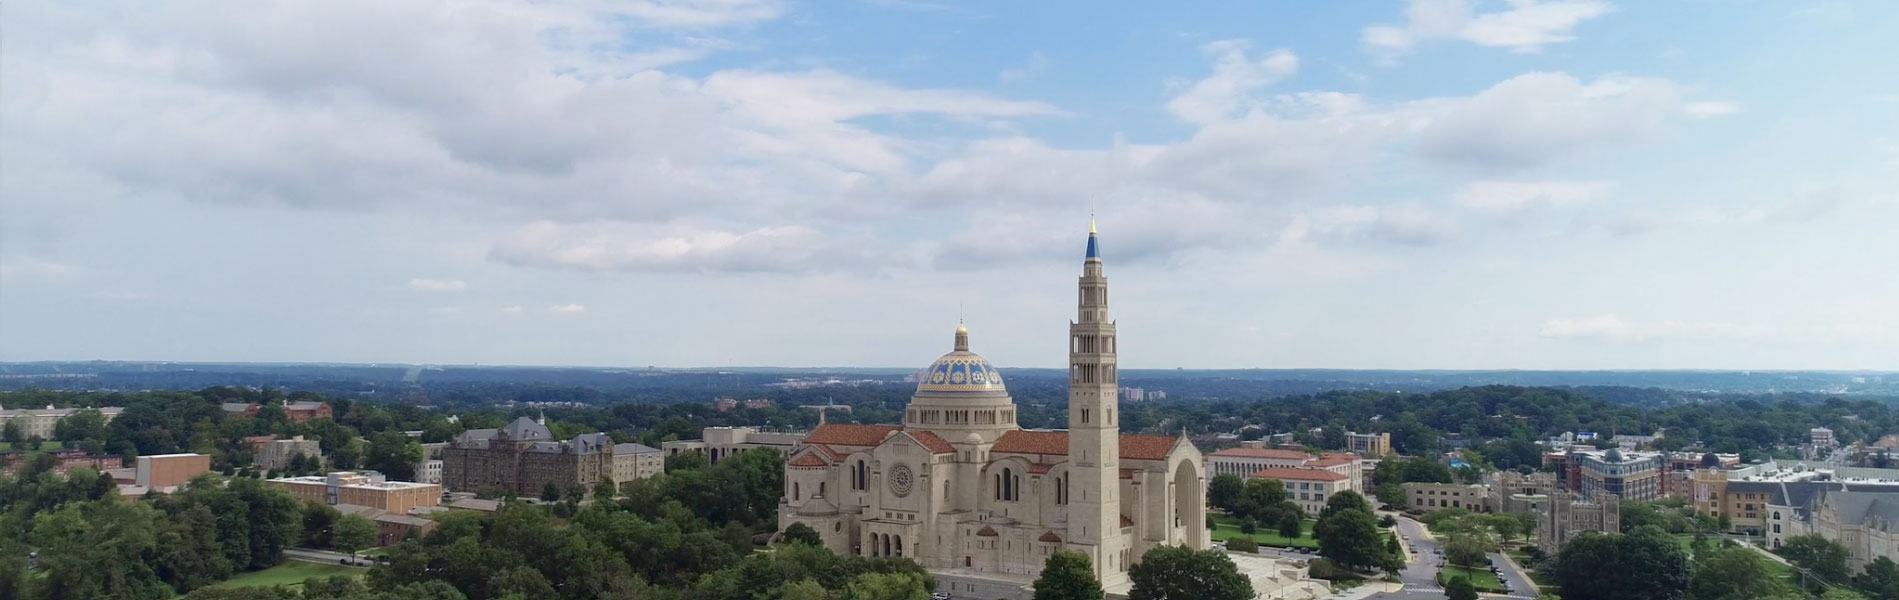 basilica exterior aerial